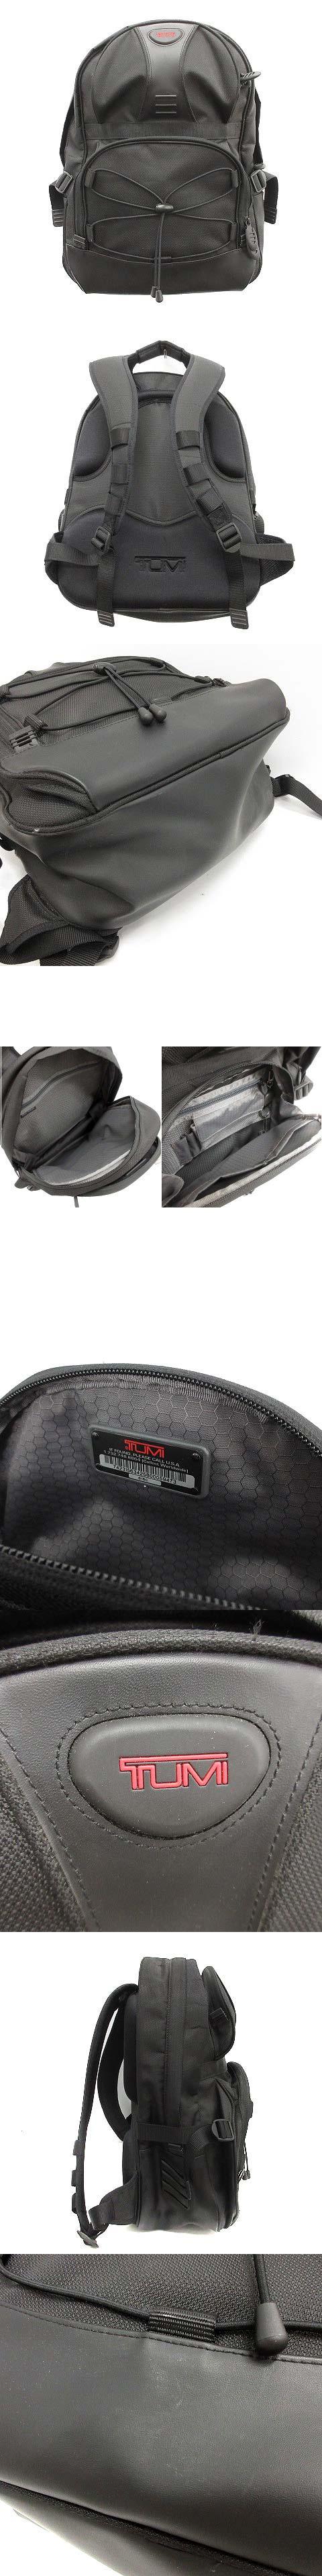 リュックサック バックパック トンプソン 黒 ブラック 515C /OG15